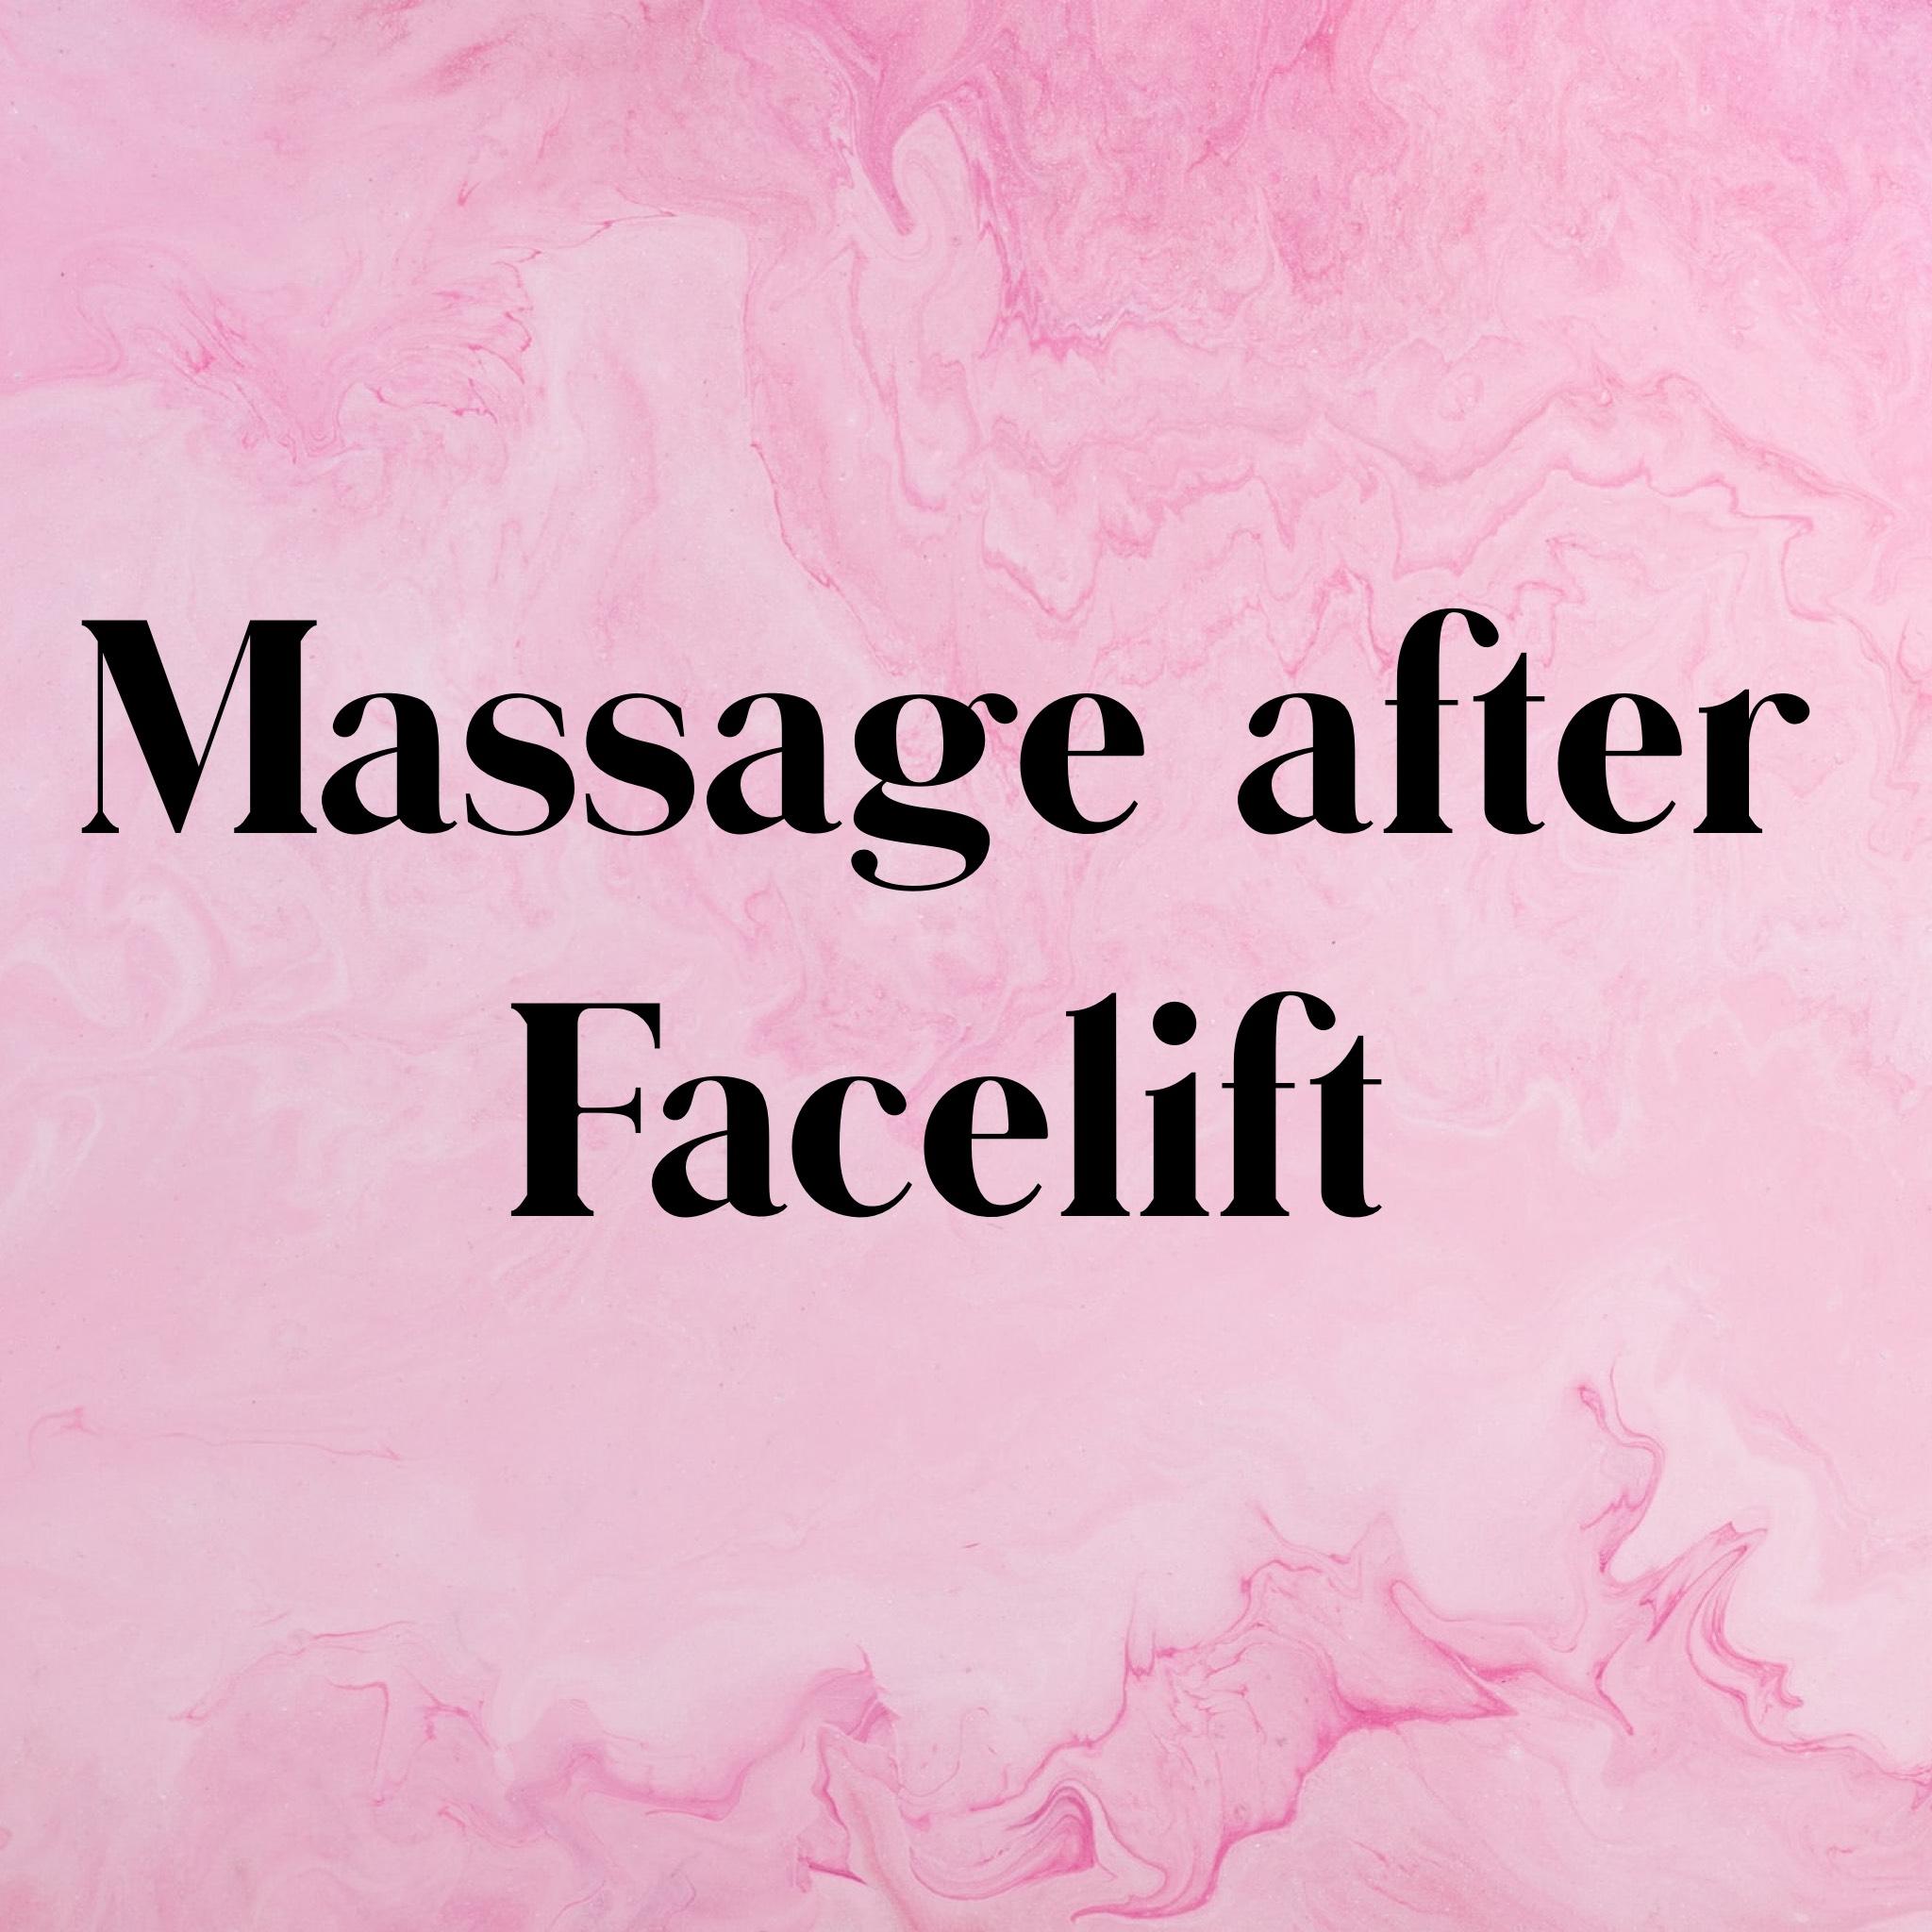 massage after facelift